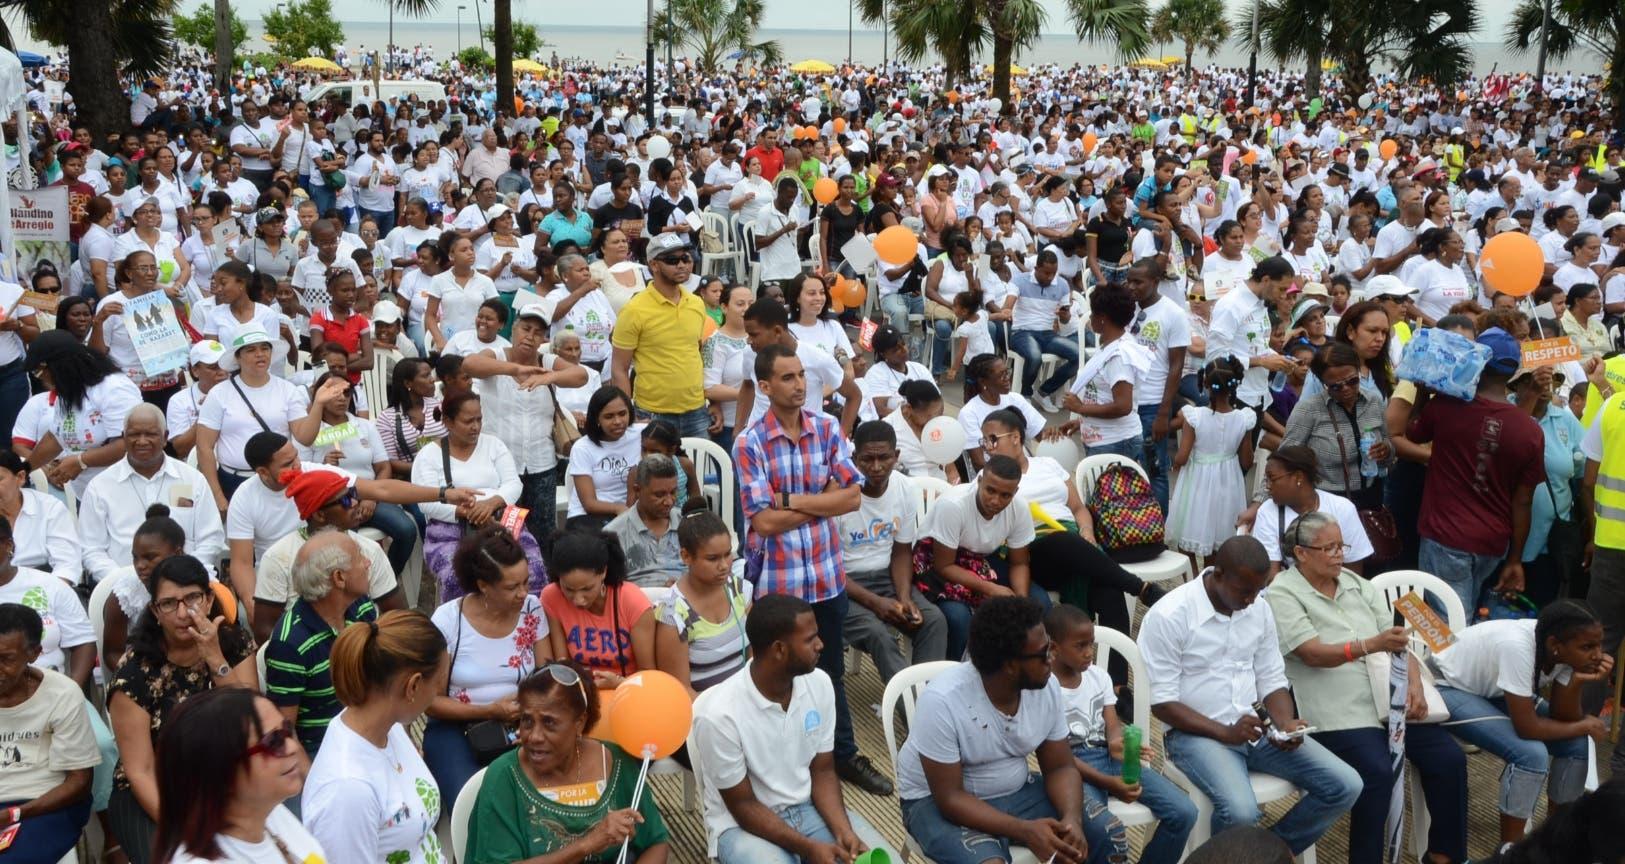 Desde las primeras horas de la mañana empezaron a congregarse miles de familias para marchar en el Malecón de Santo Domingo.